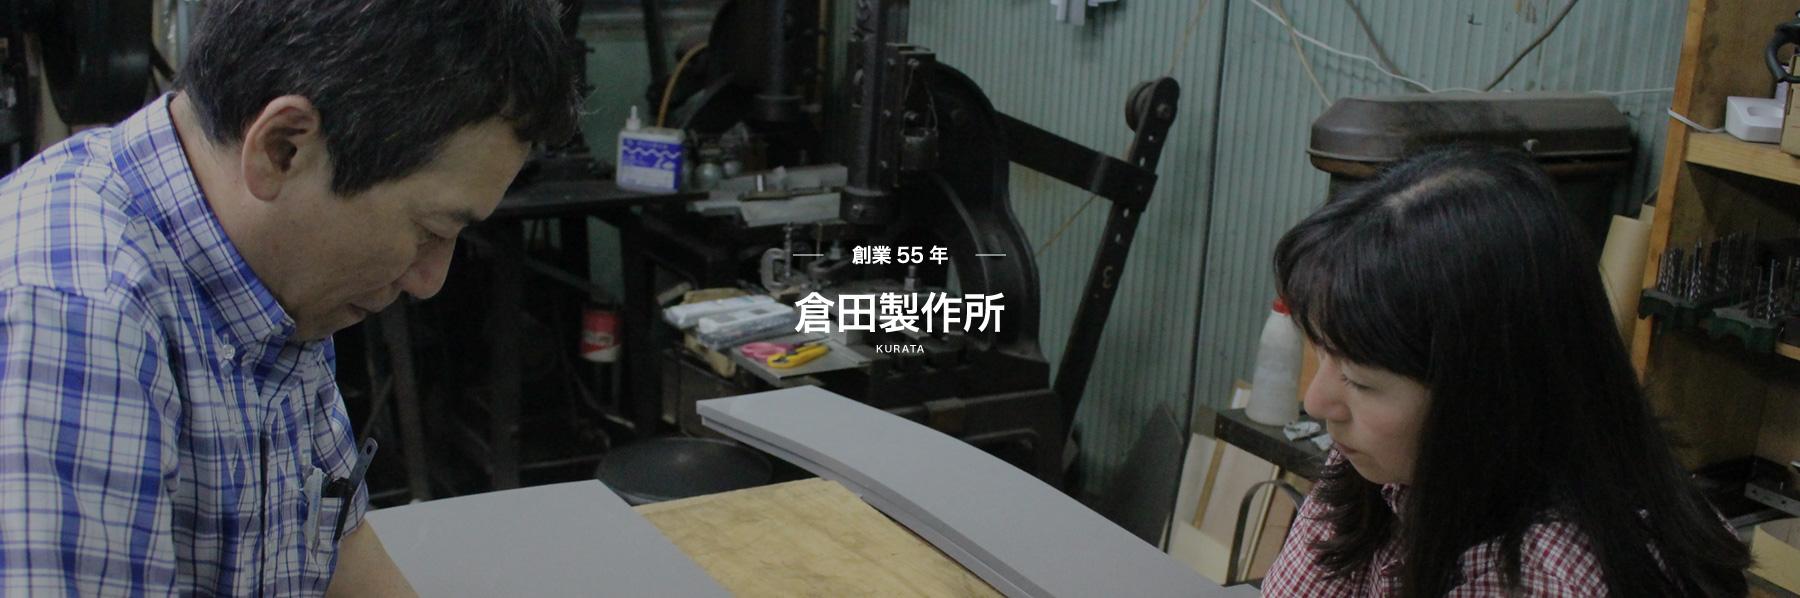 倉田製作所